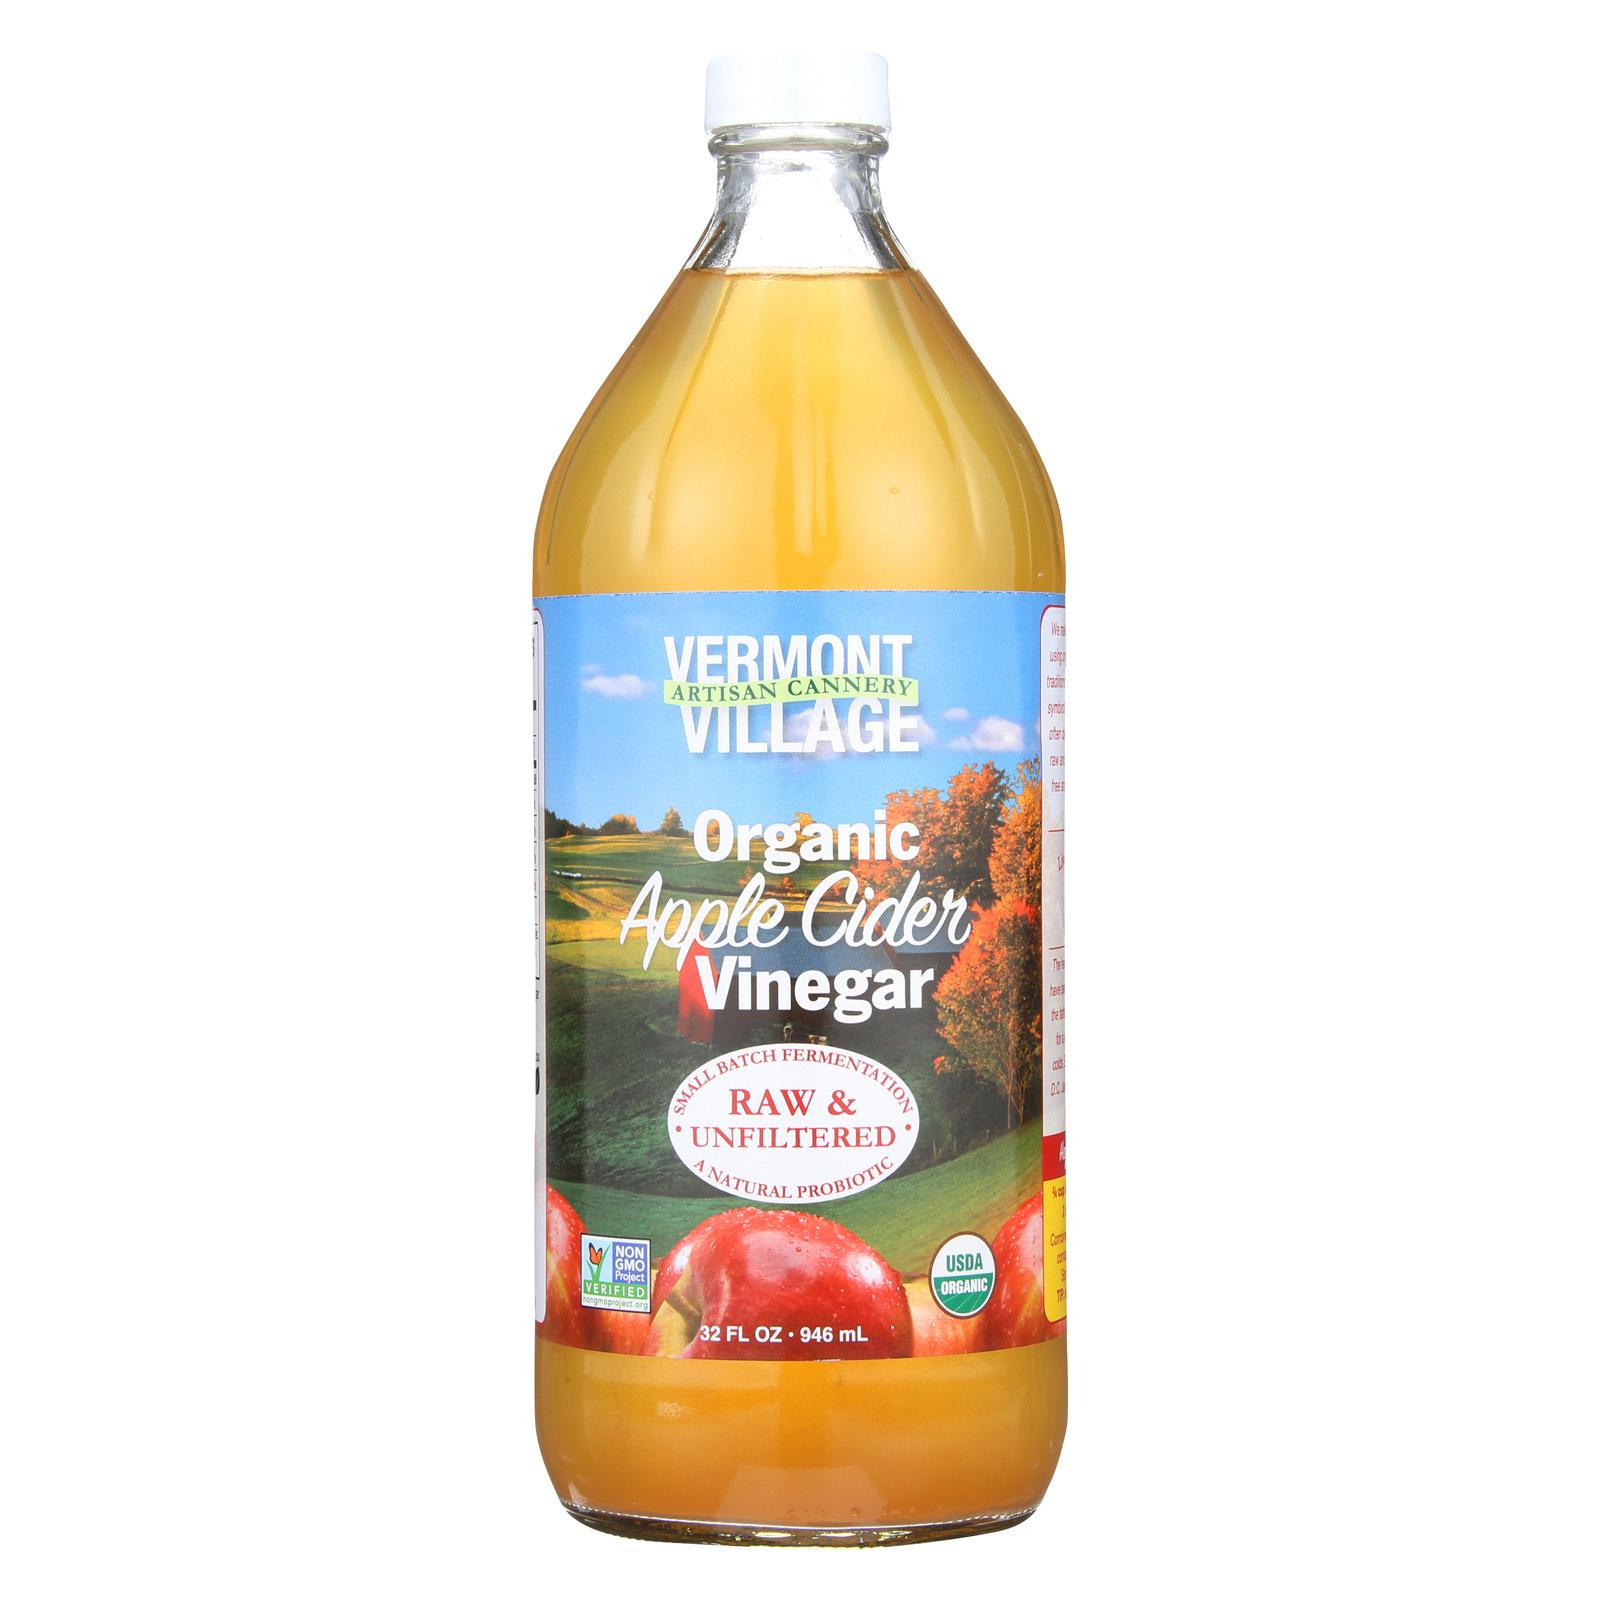 Vermont Village Organic Apple Cider Vinegar - Case of 6 - 32 Fl oz.